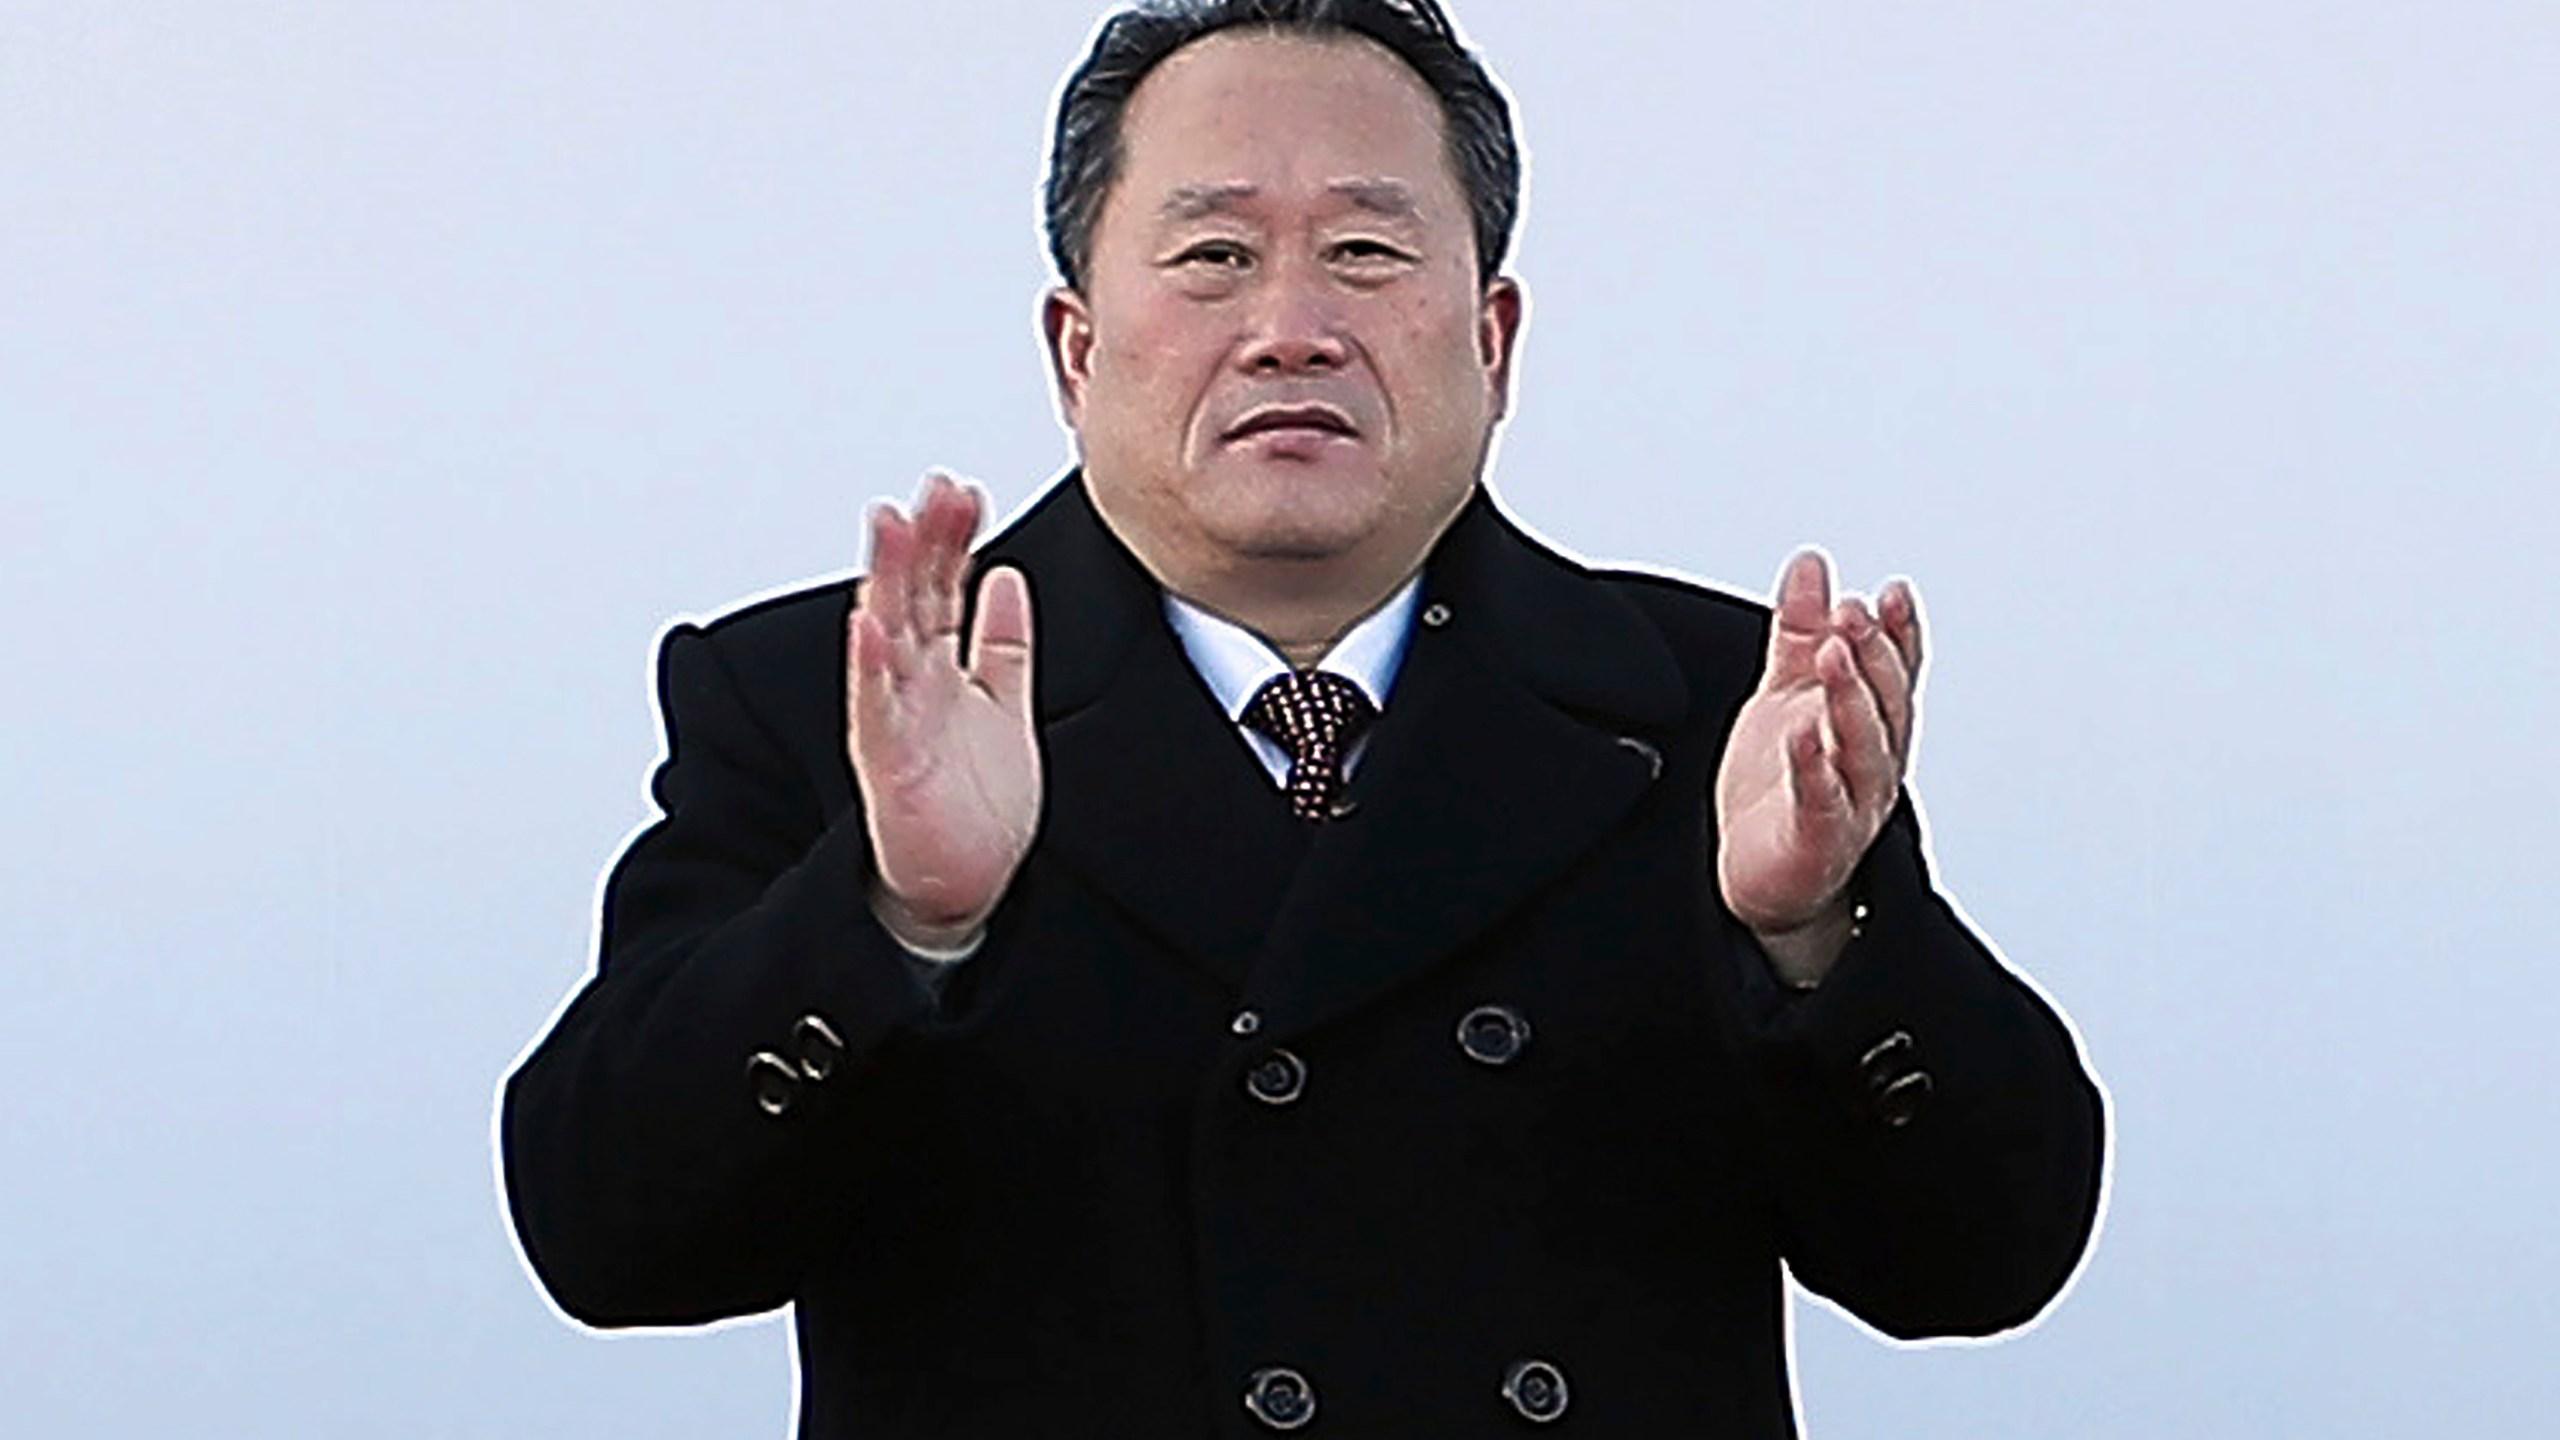 Ri Son Gwon